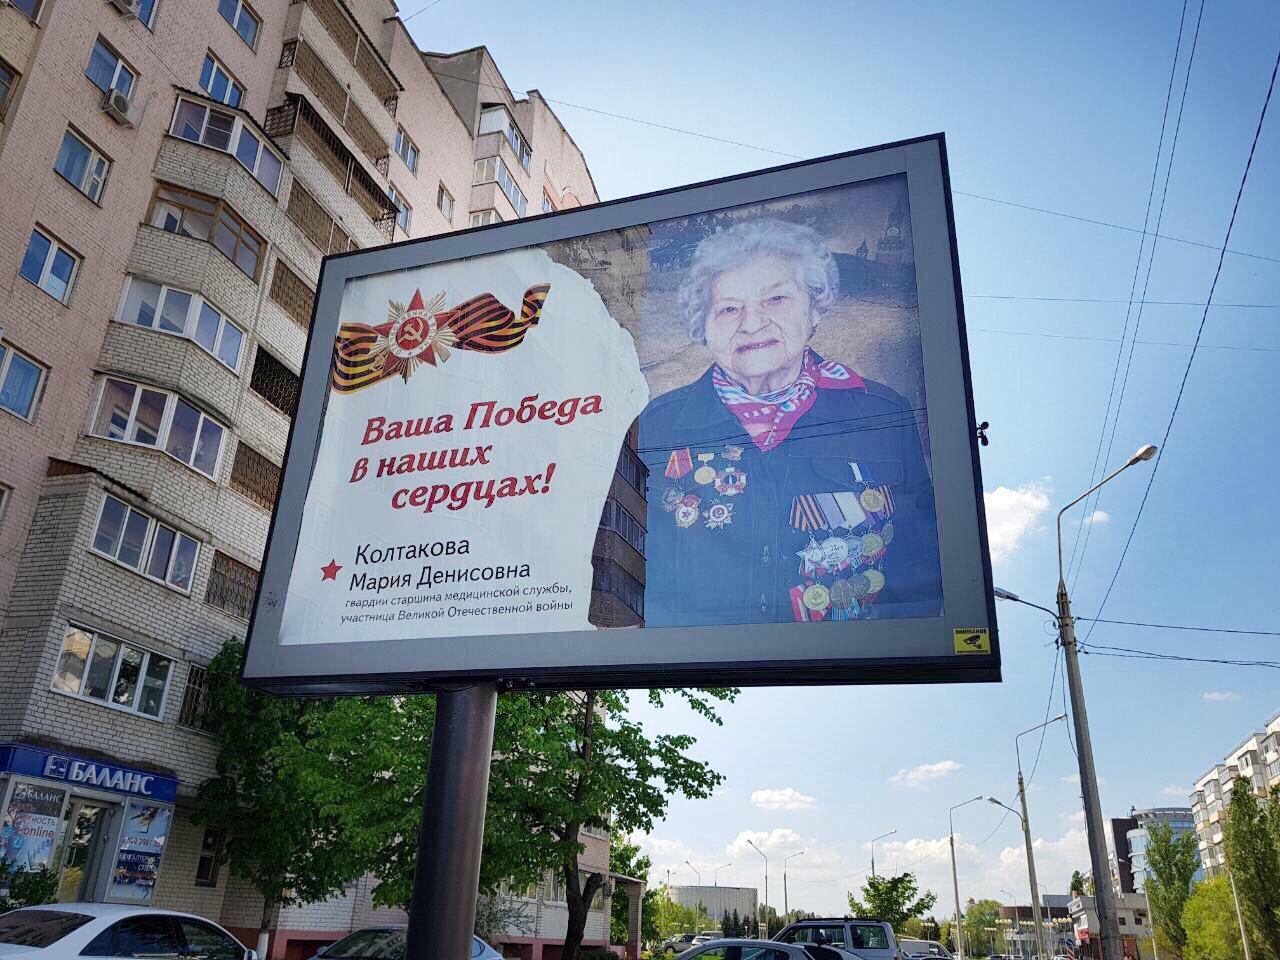 伟大卫国战争的老兵备受尊敬-户外广告:来自别尔哥罗德市的玛利亚·科尔塔科娃